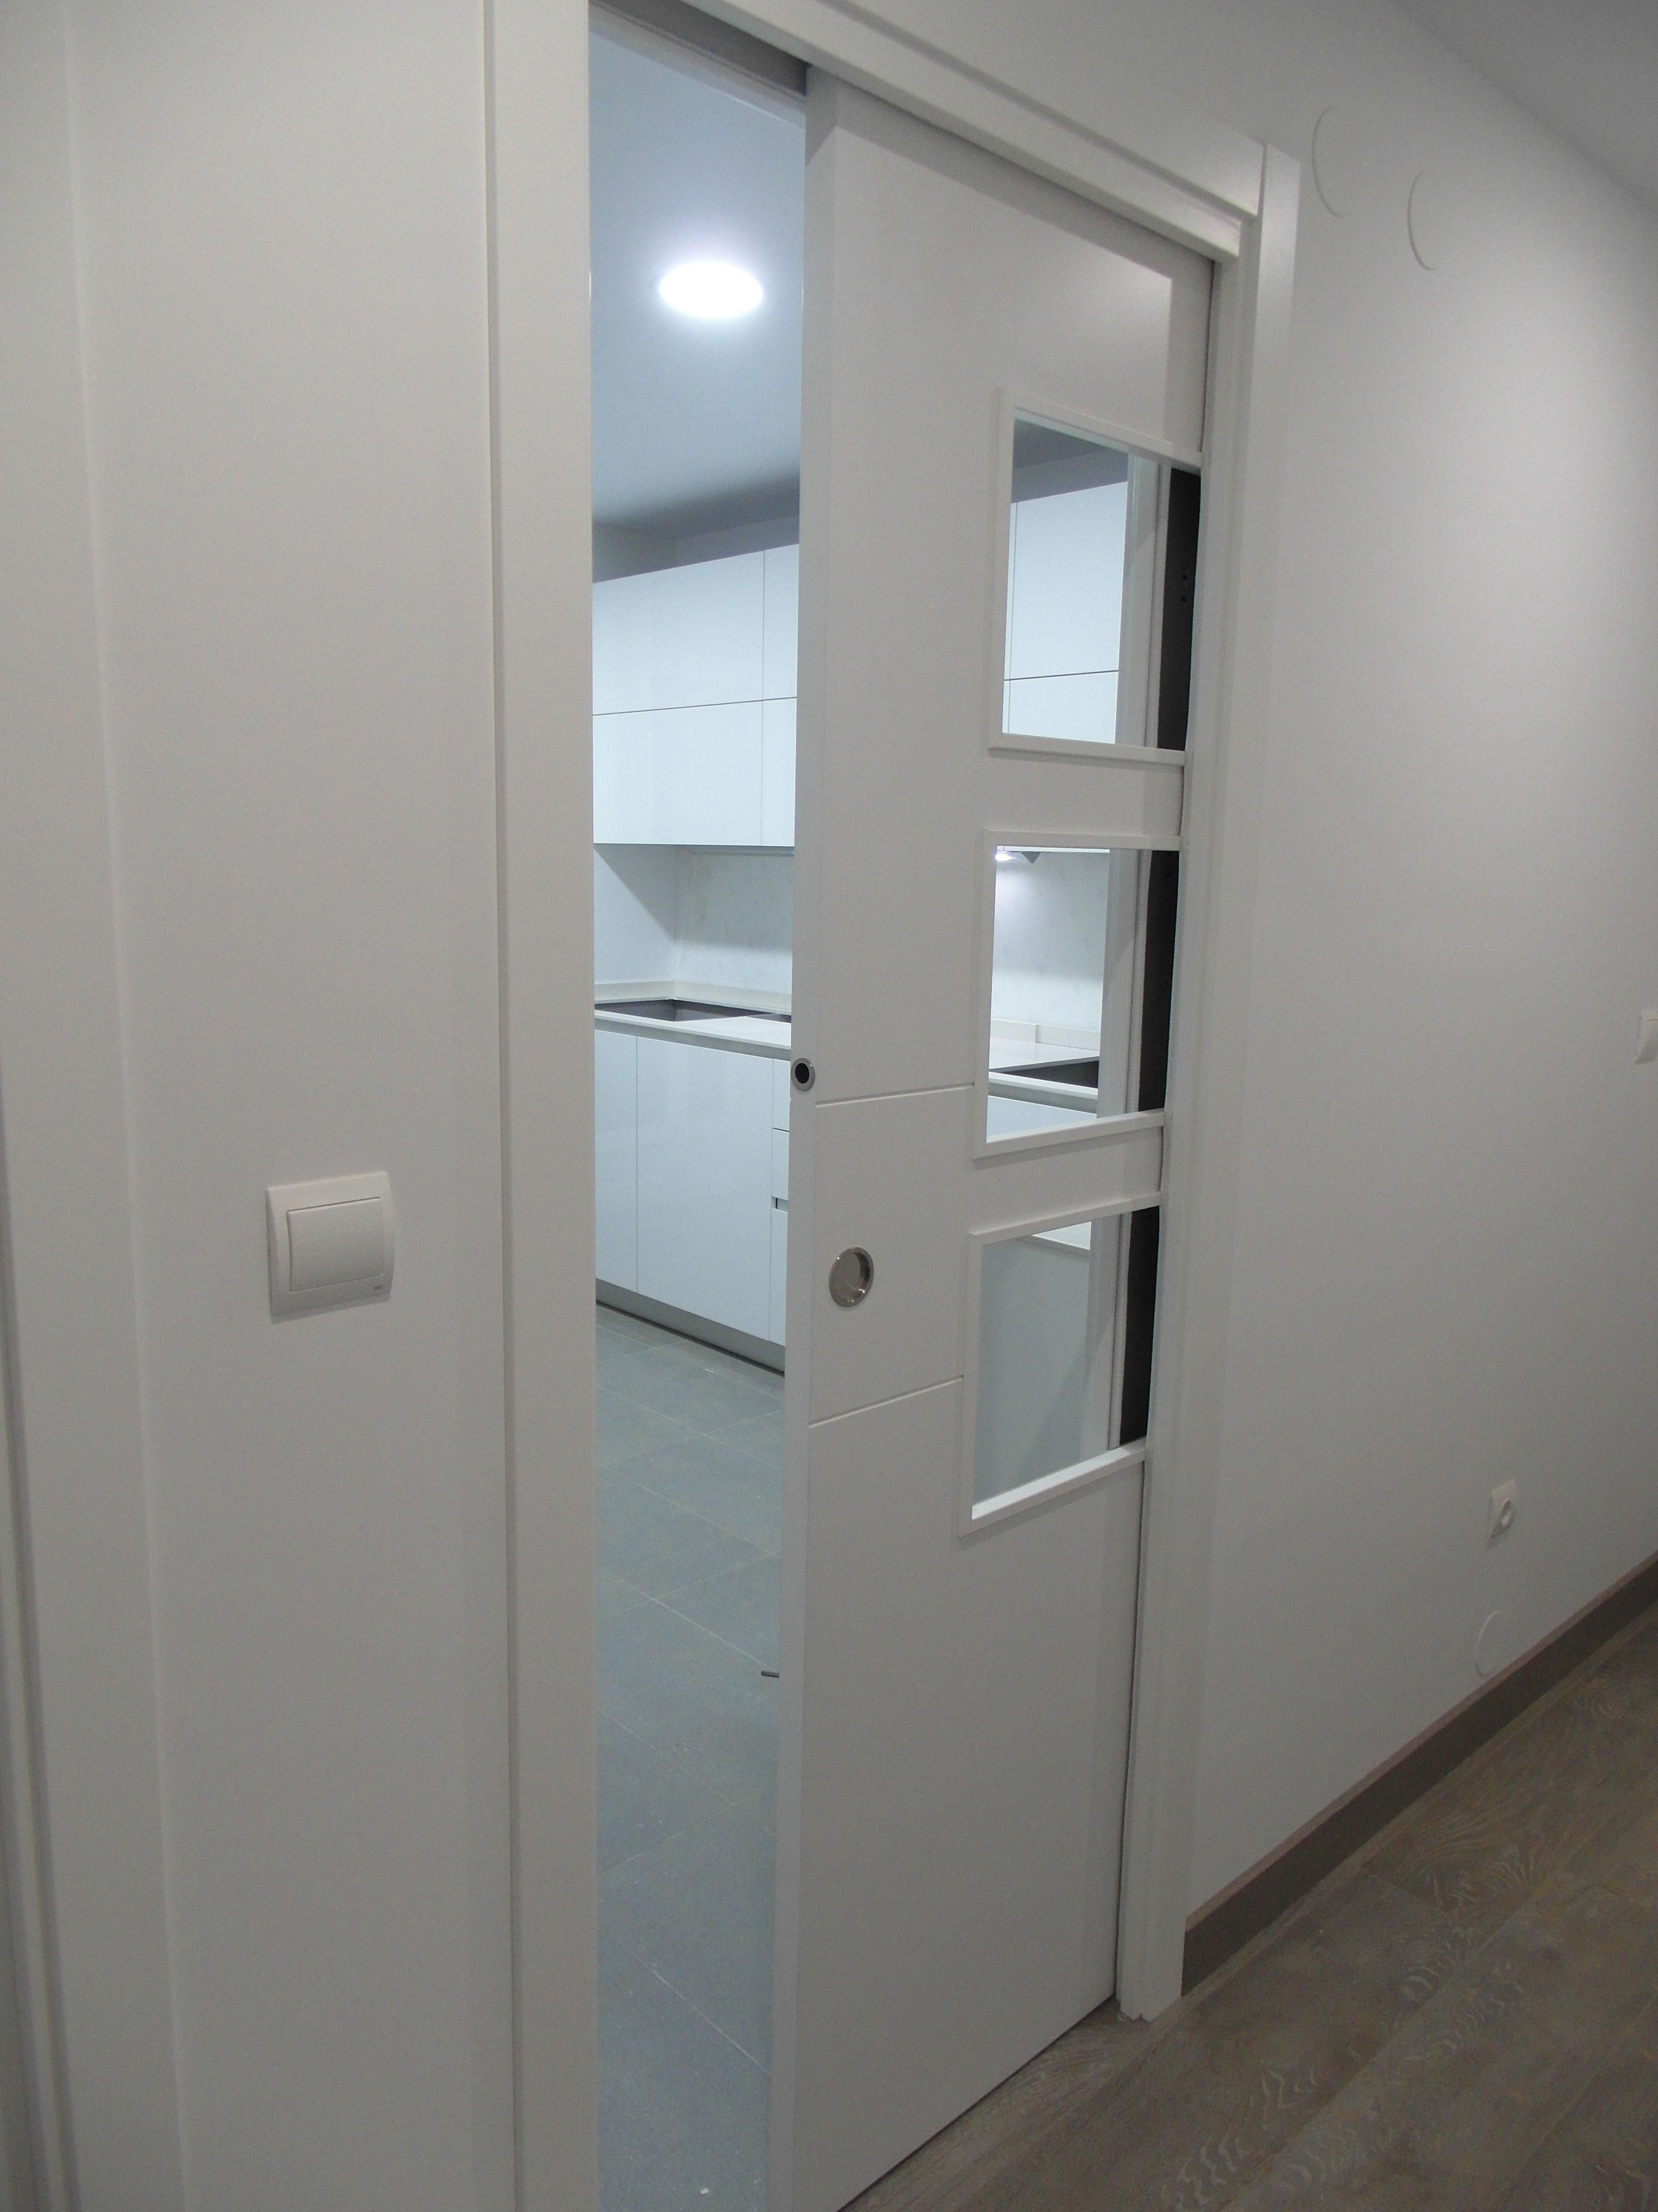 Puertas para la vivienda